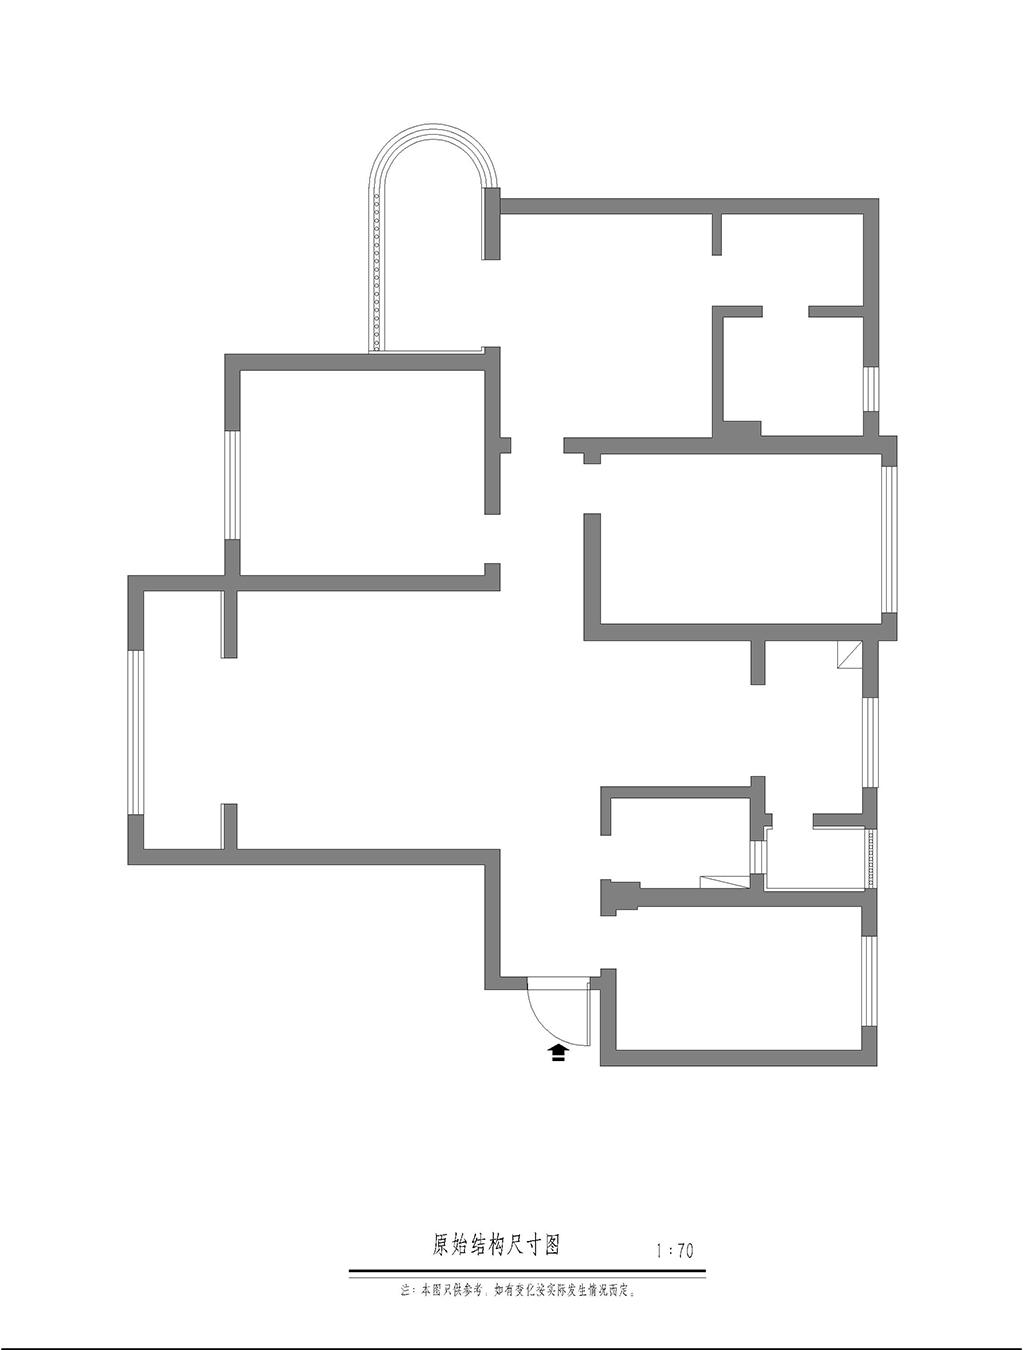 国润城 新中式风格装修效果图 140平米 四室两厅装修设计理念